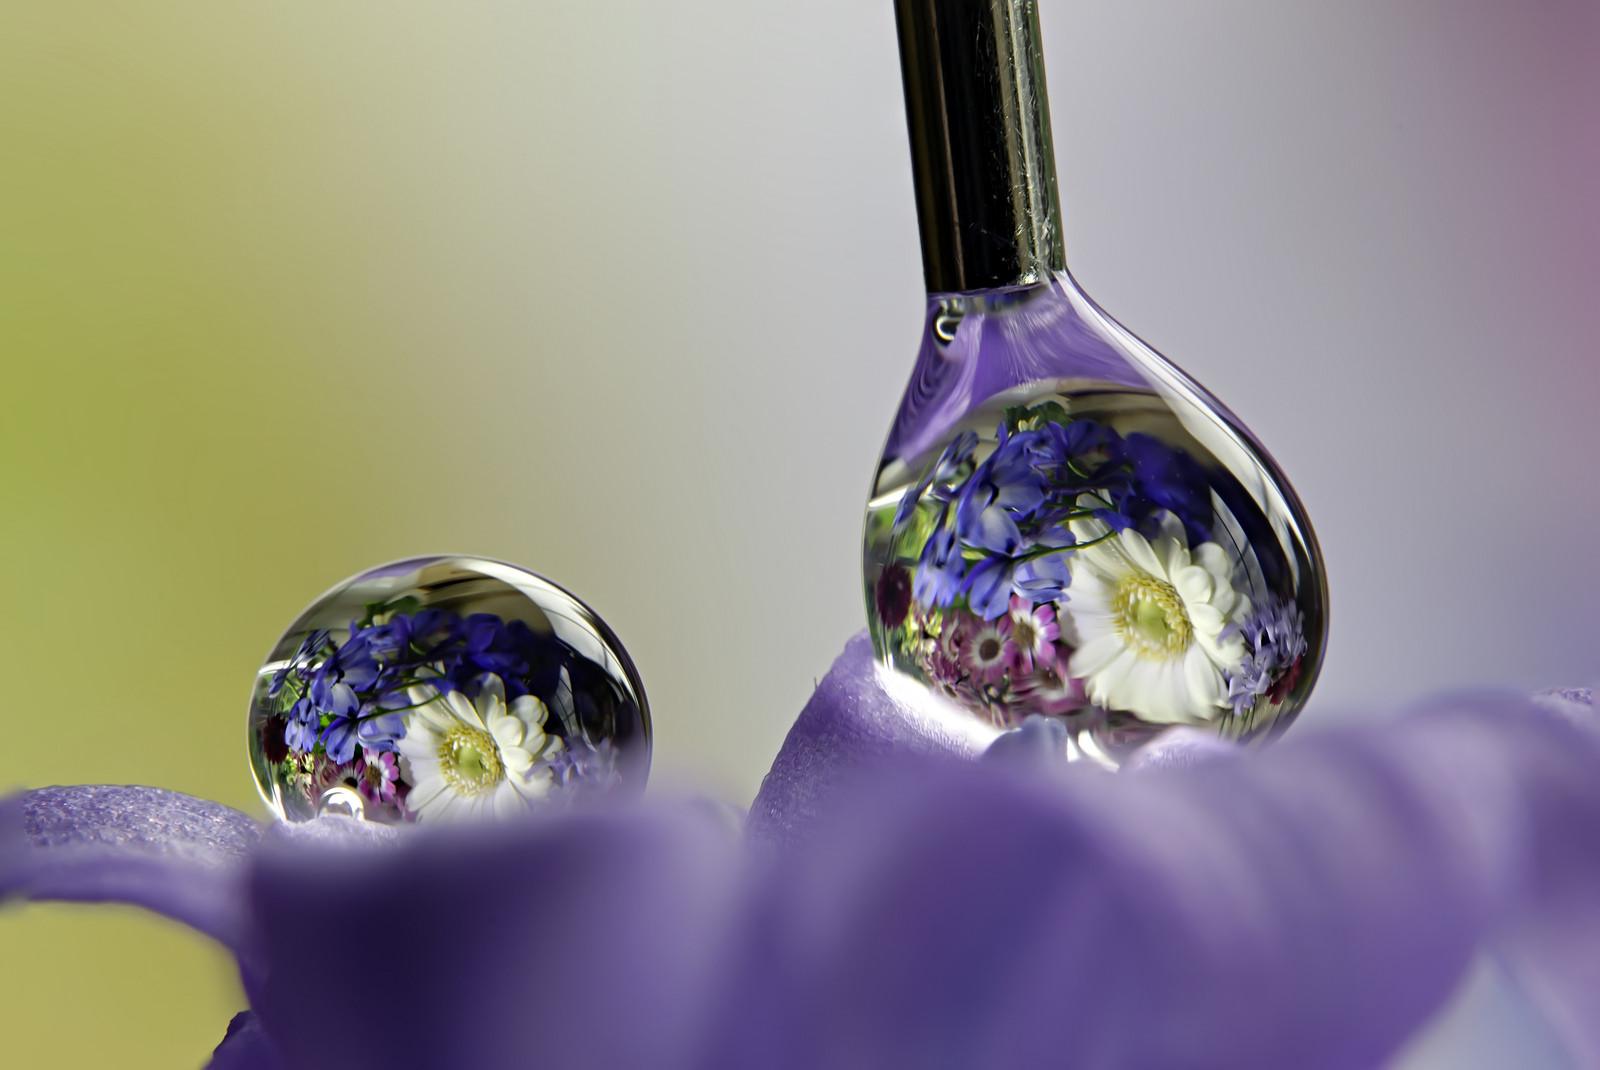 Reflejos de flores en gotas de agua - 1600x1070